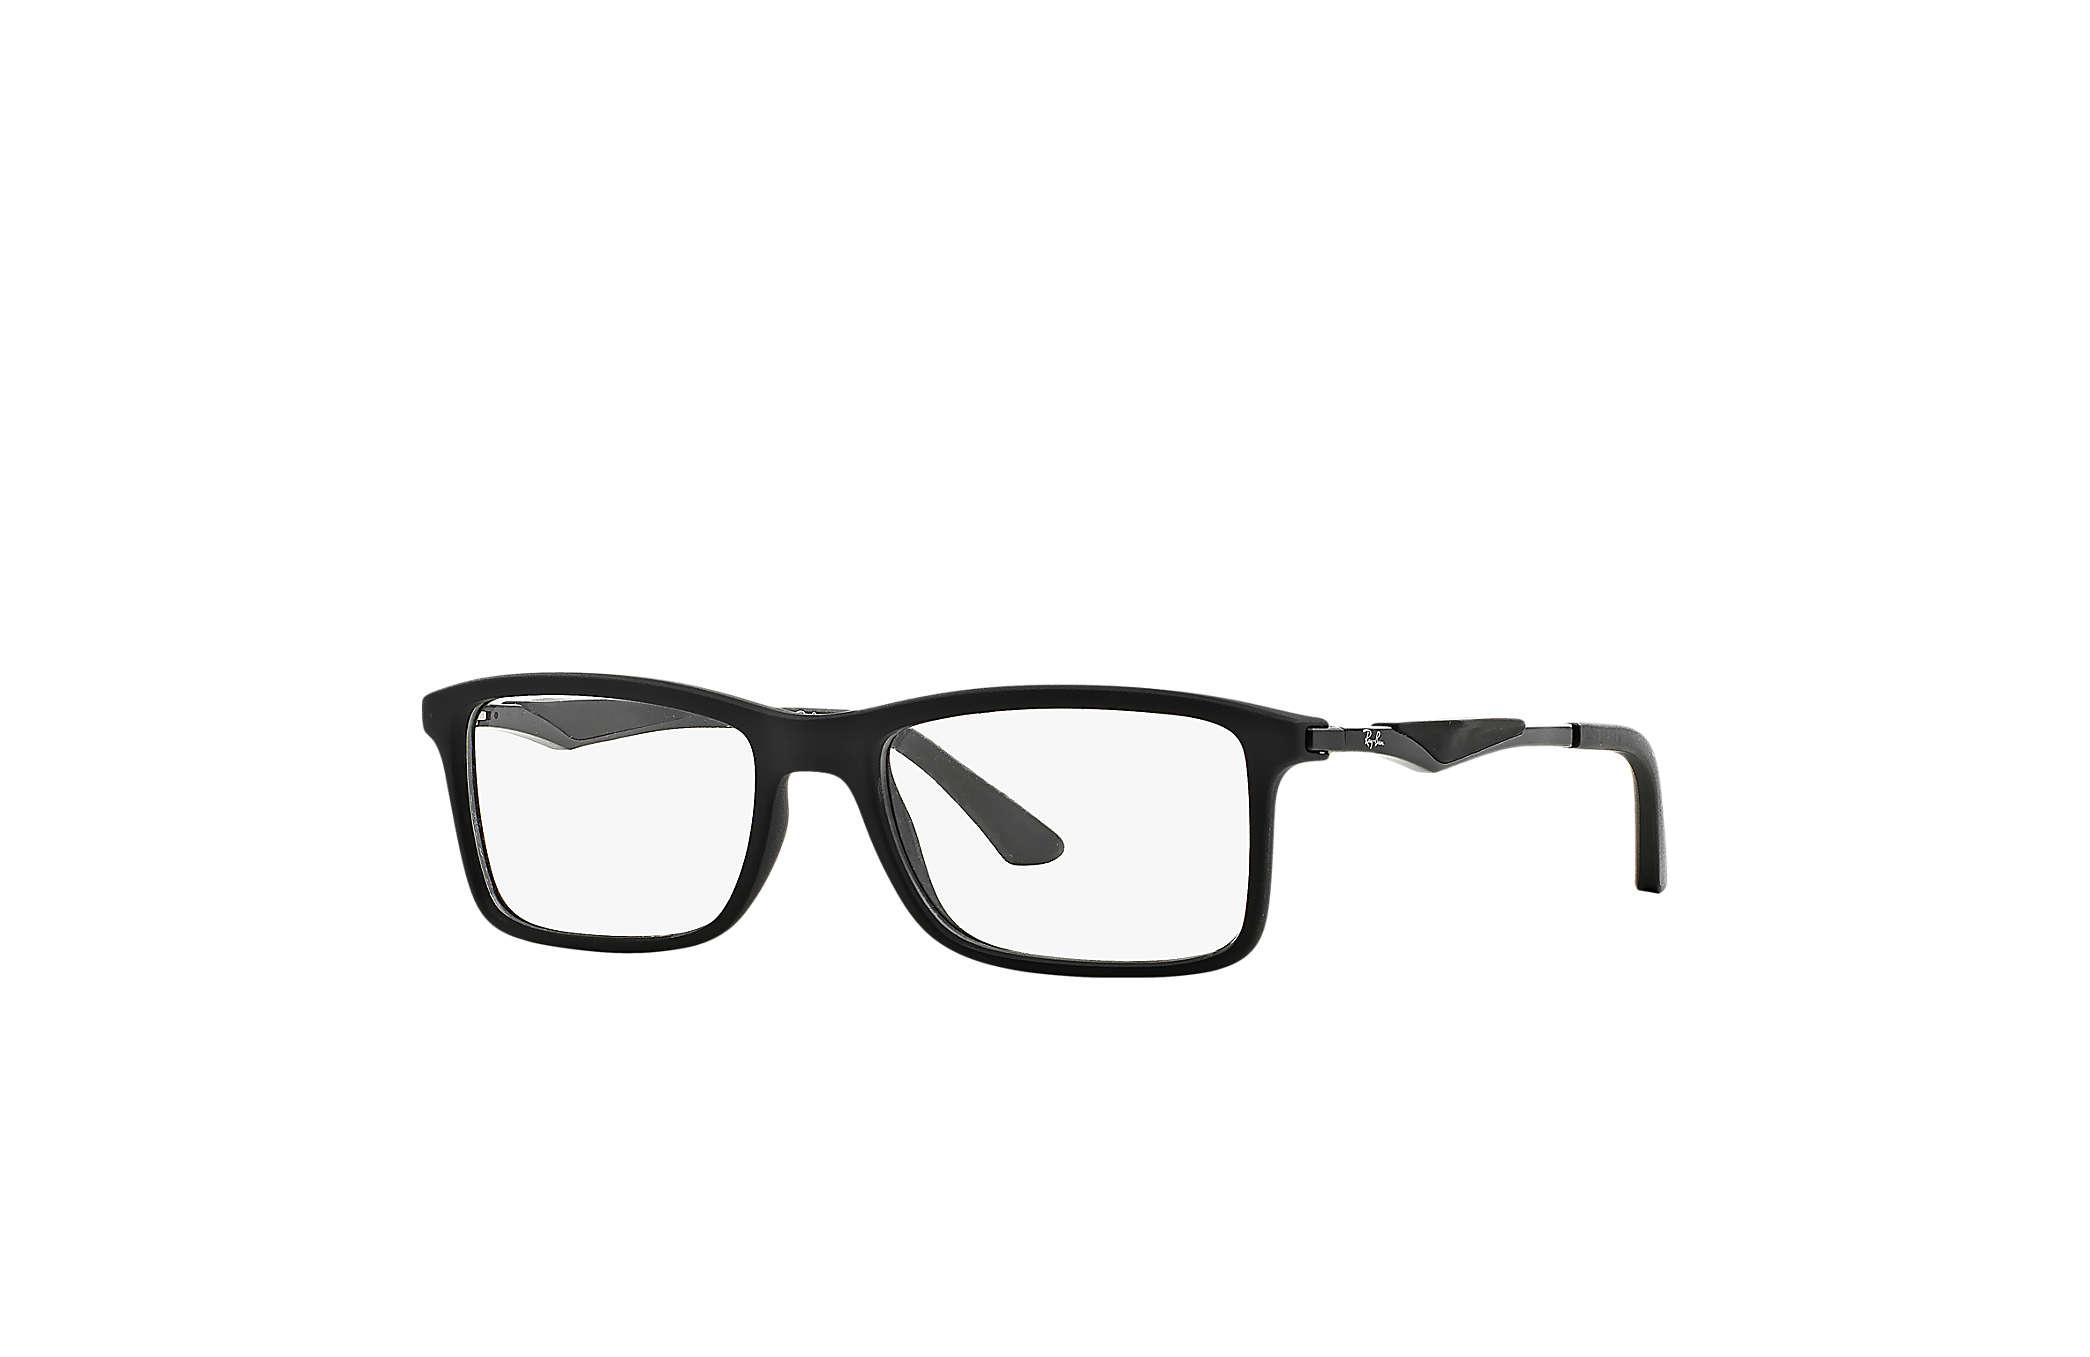 ray ban canada prescription glasses